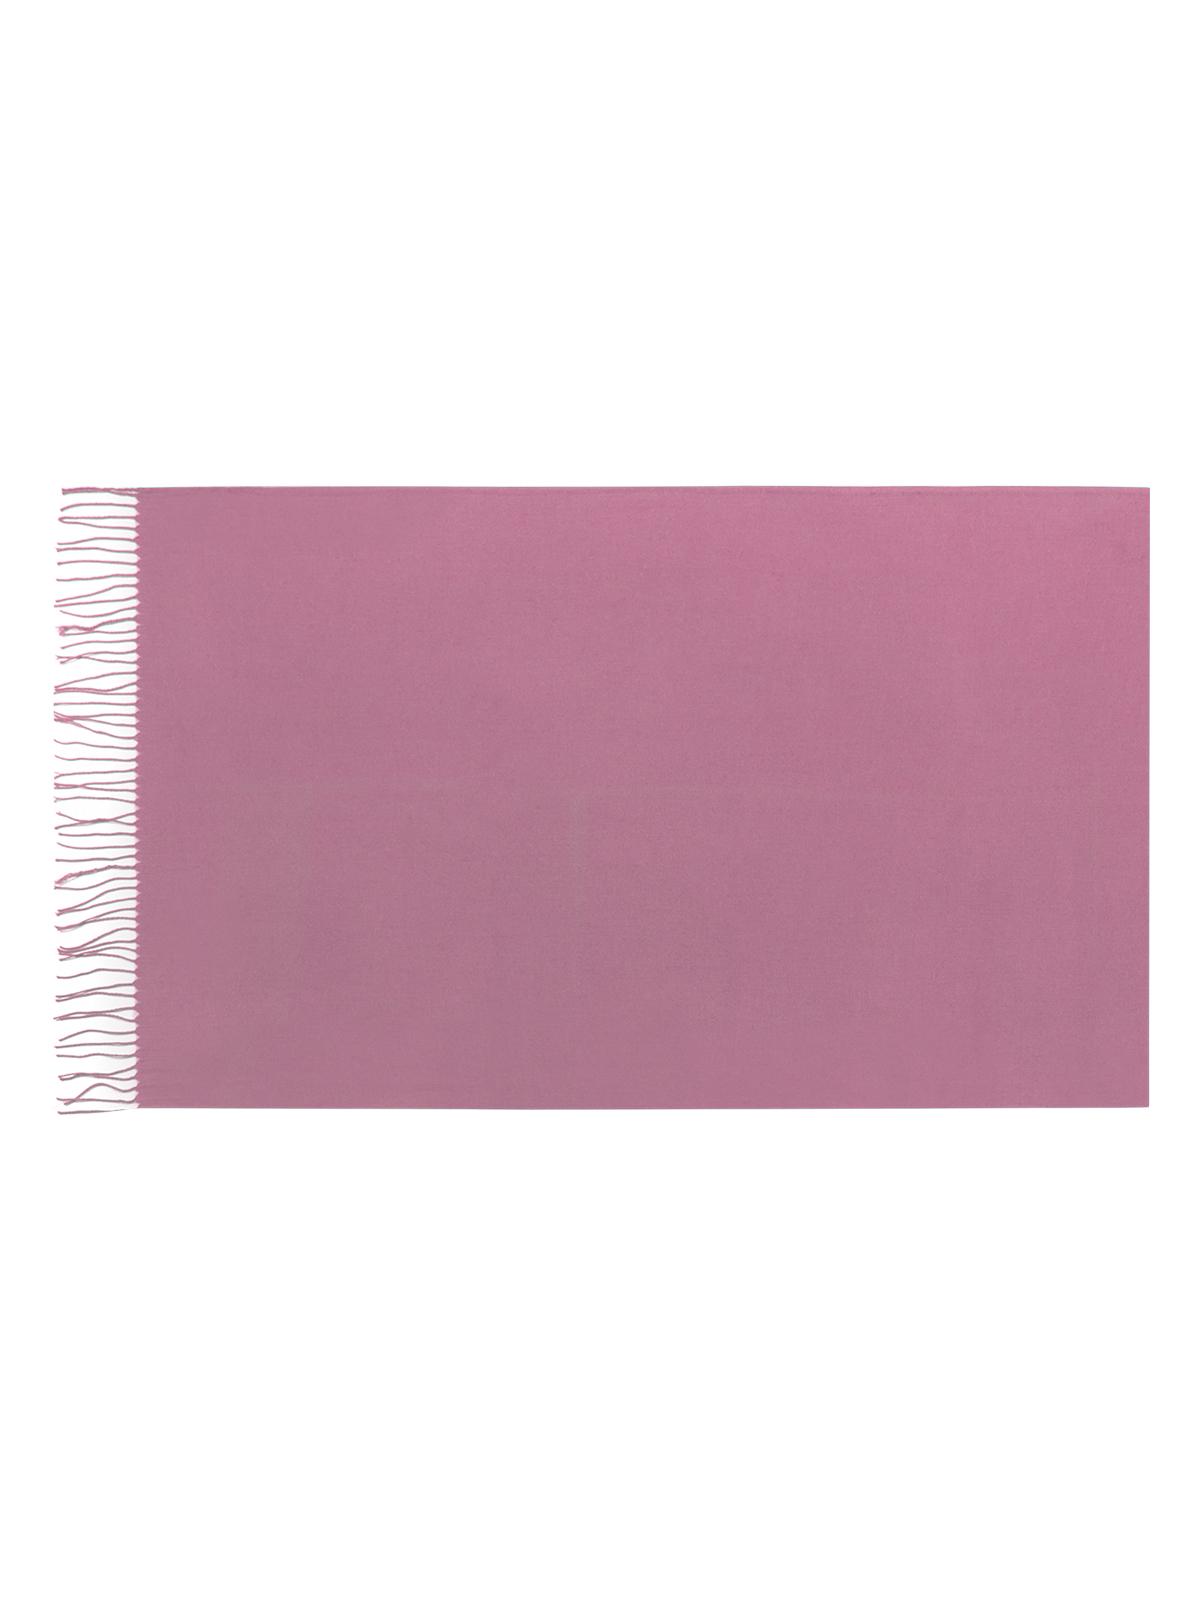 ПалантинSZ23-0629Теплый палантин Eleganzza, изготовленный из хлопка с добавлением шерсти, мягкий и приятный на ощупь. Изделие выполнено в однотонном лаконичном цвете. По краям модель оформлена бахромой.